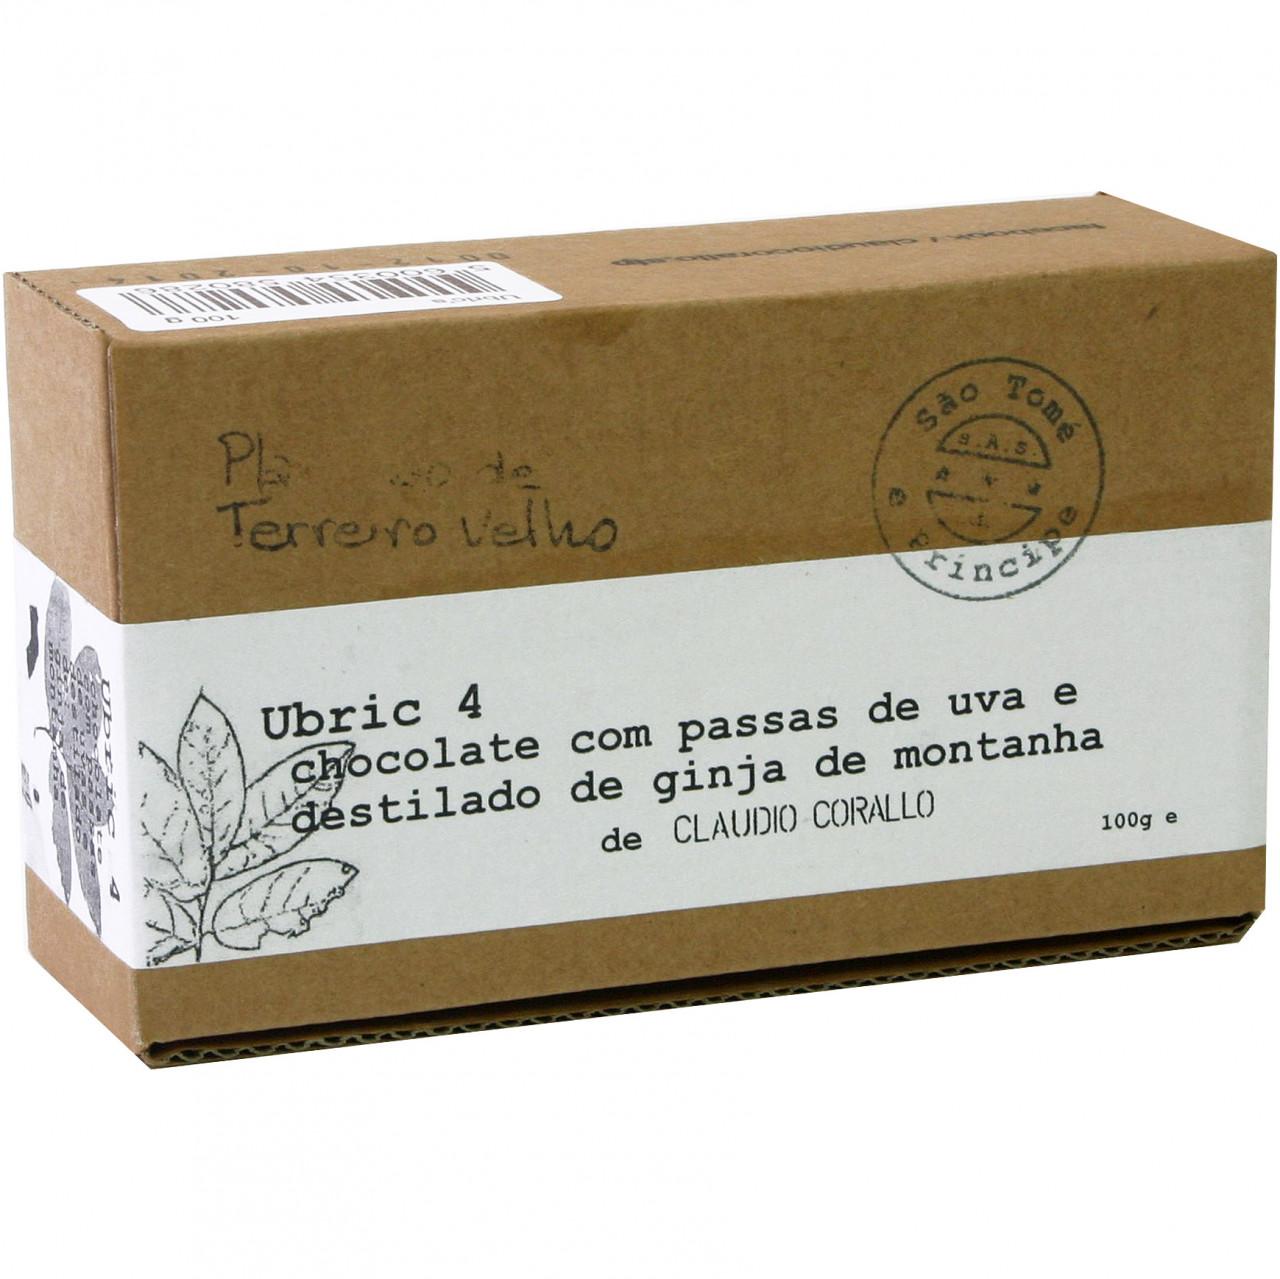 dark chocolate, chocolat noir, mit Alkohol, Sauerkirschen, Rosinen, raisin,                                                                                                                              - Chocoladerepen, Sao Tome, Sao Tome Chocolade, Chocolade met alcohol - Chocolats-De-Luxe